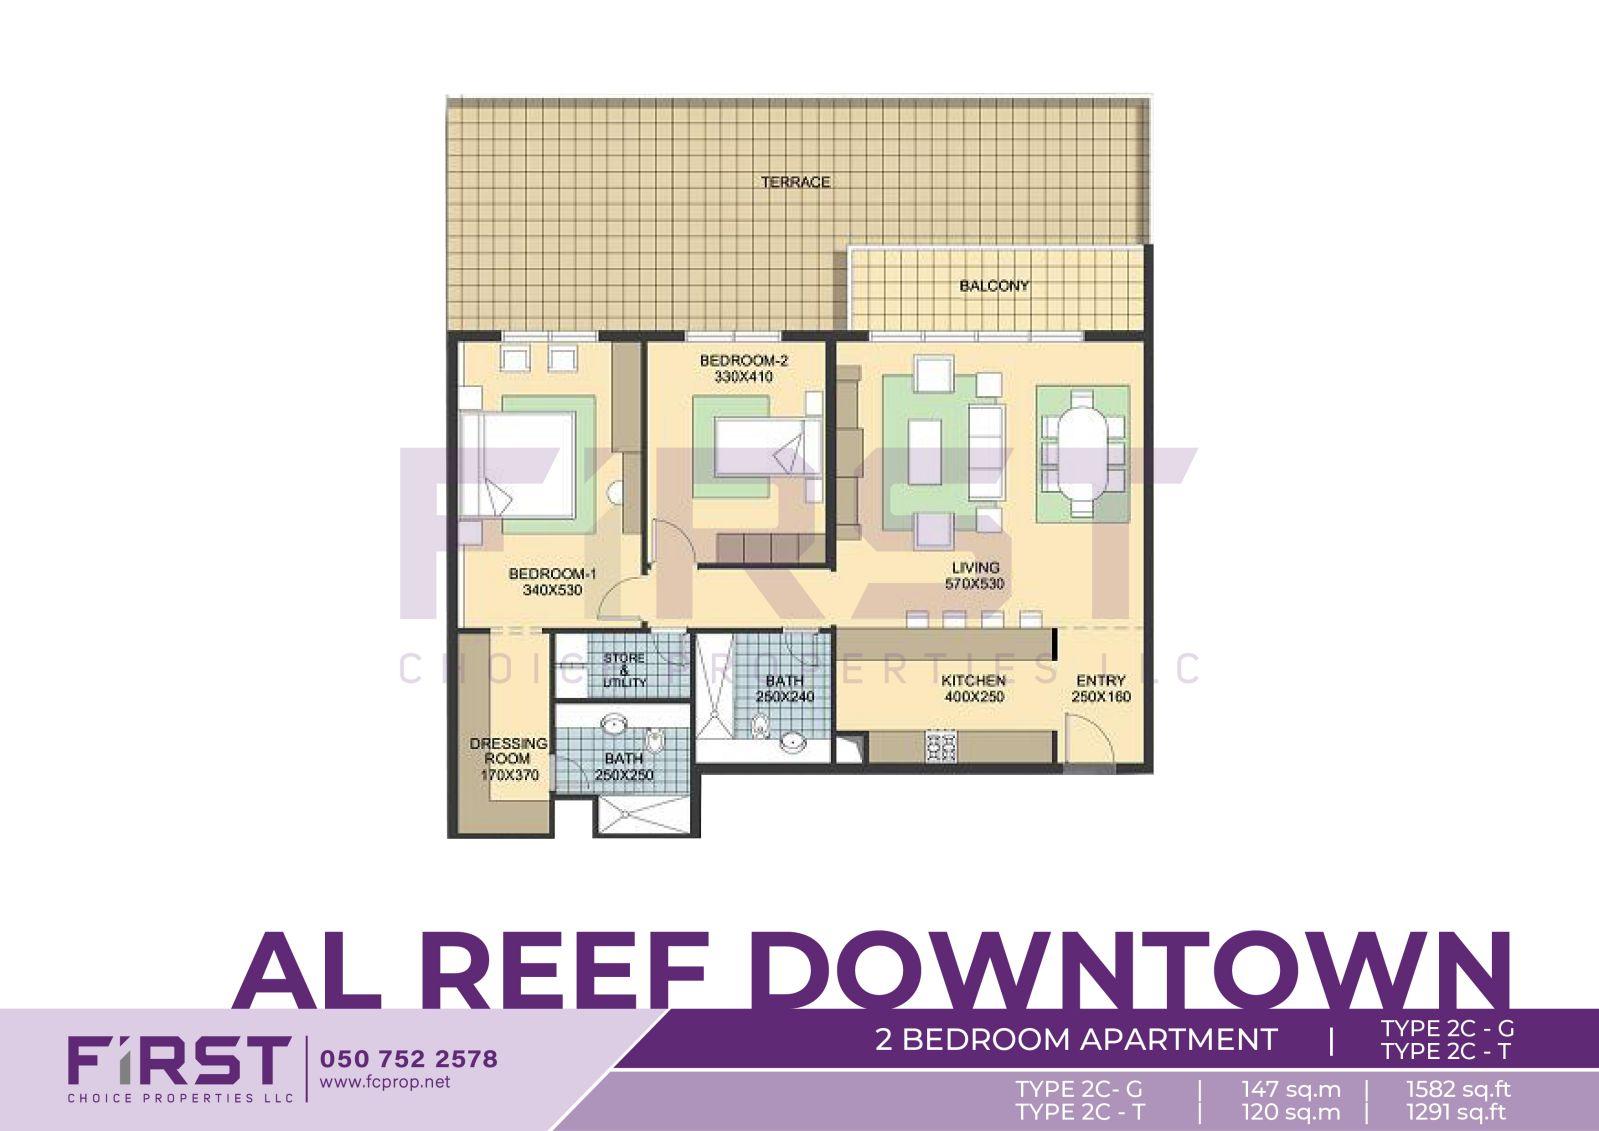 Floor Plan of 2 Bedroom Apartment TYPE 2C-G in Al Reef Downtown Al Reef Abu Dhabi UAE 147 sq.m - 1582 sq.ft T 120sq.m - 1291 sq.ft.jpg